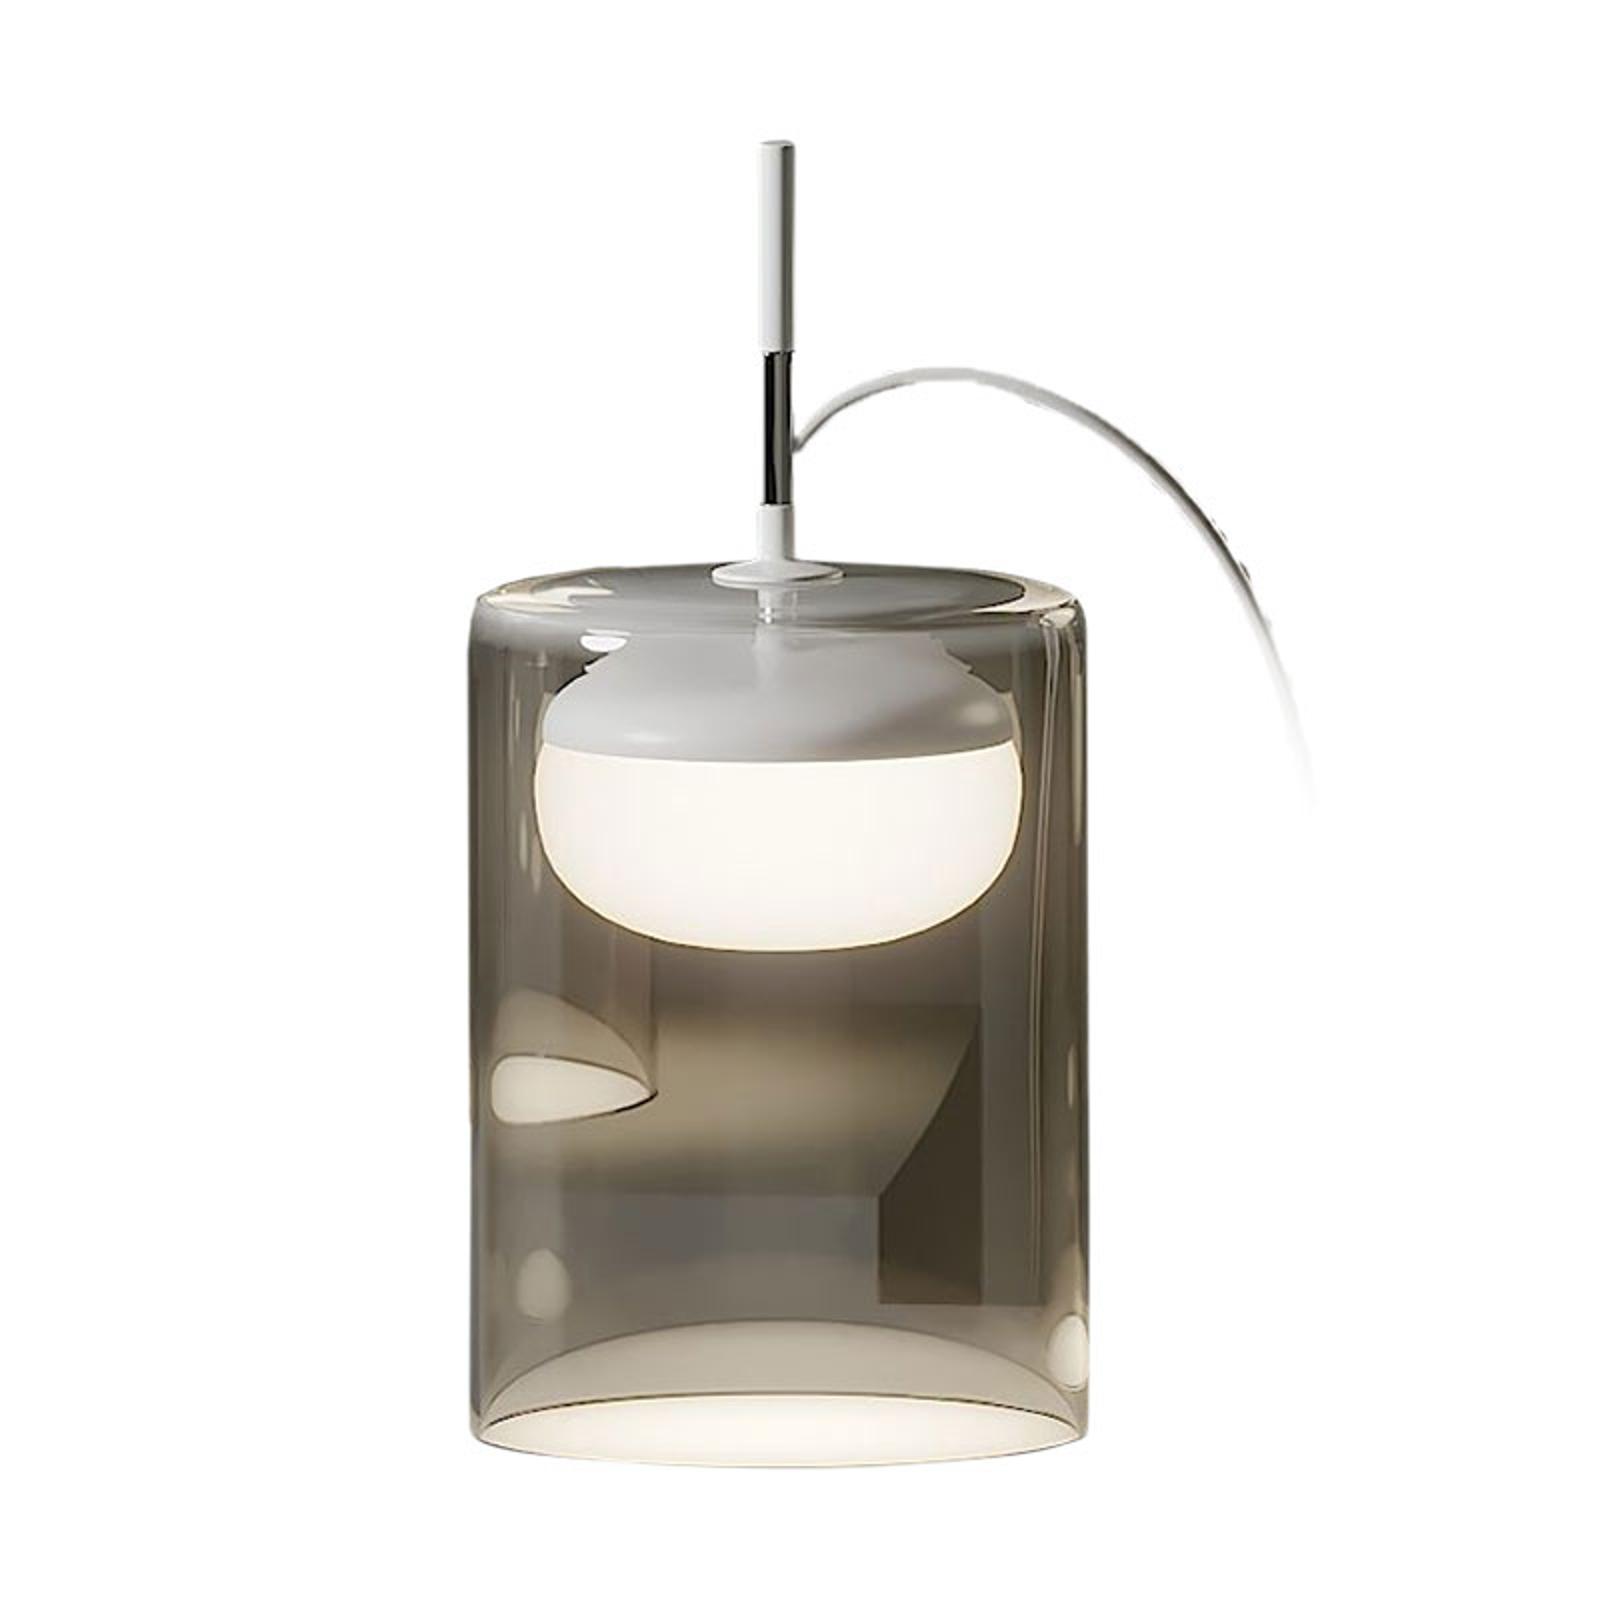 Prandina Diver lampe à poser LED T1 2700K blanc